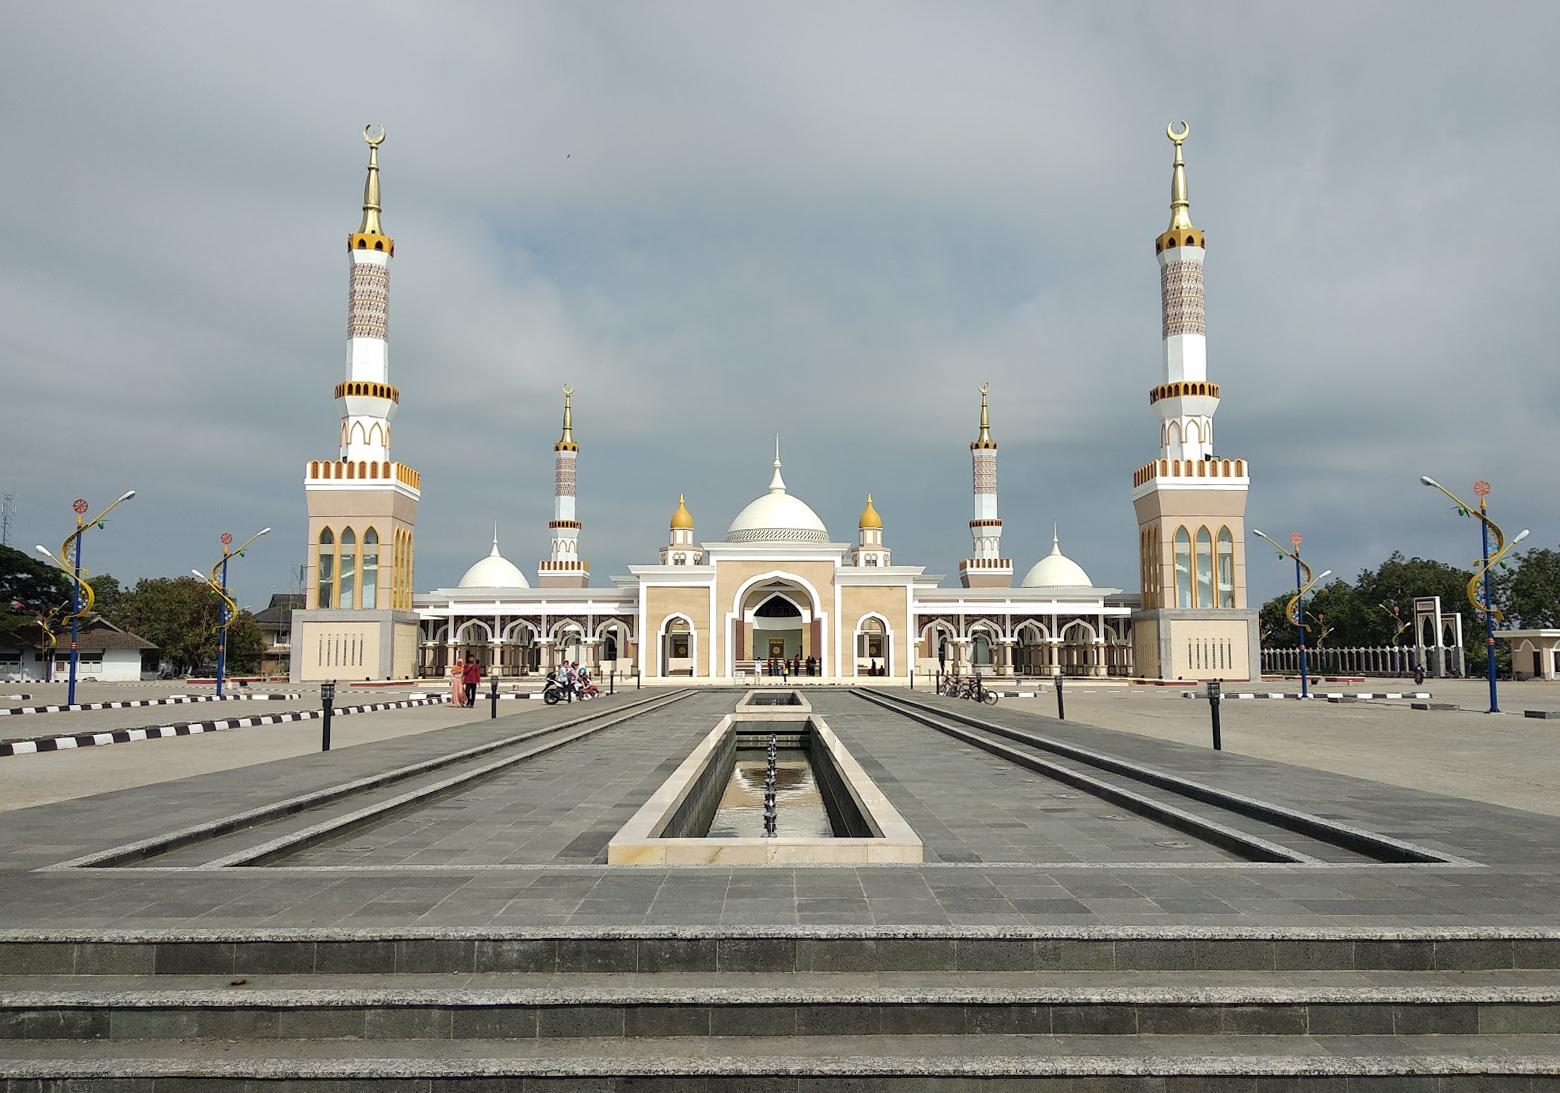 Masjid Islamic Center Abdul Manan Indramayu Galeri Foto Indramayu